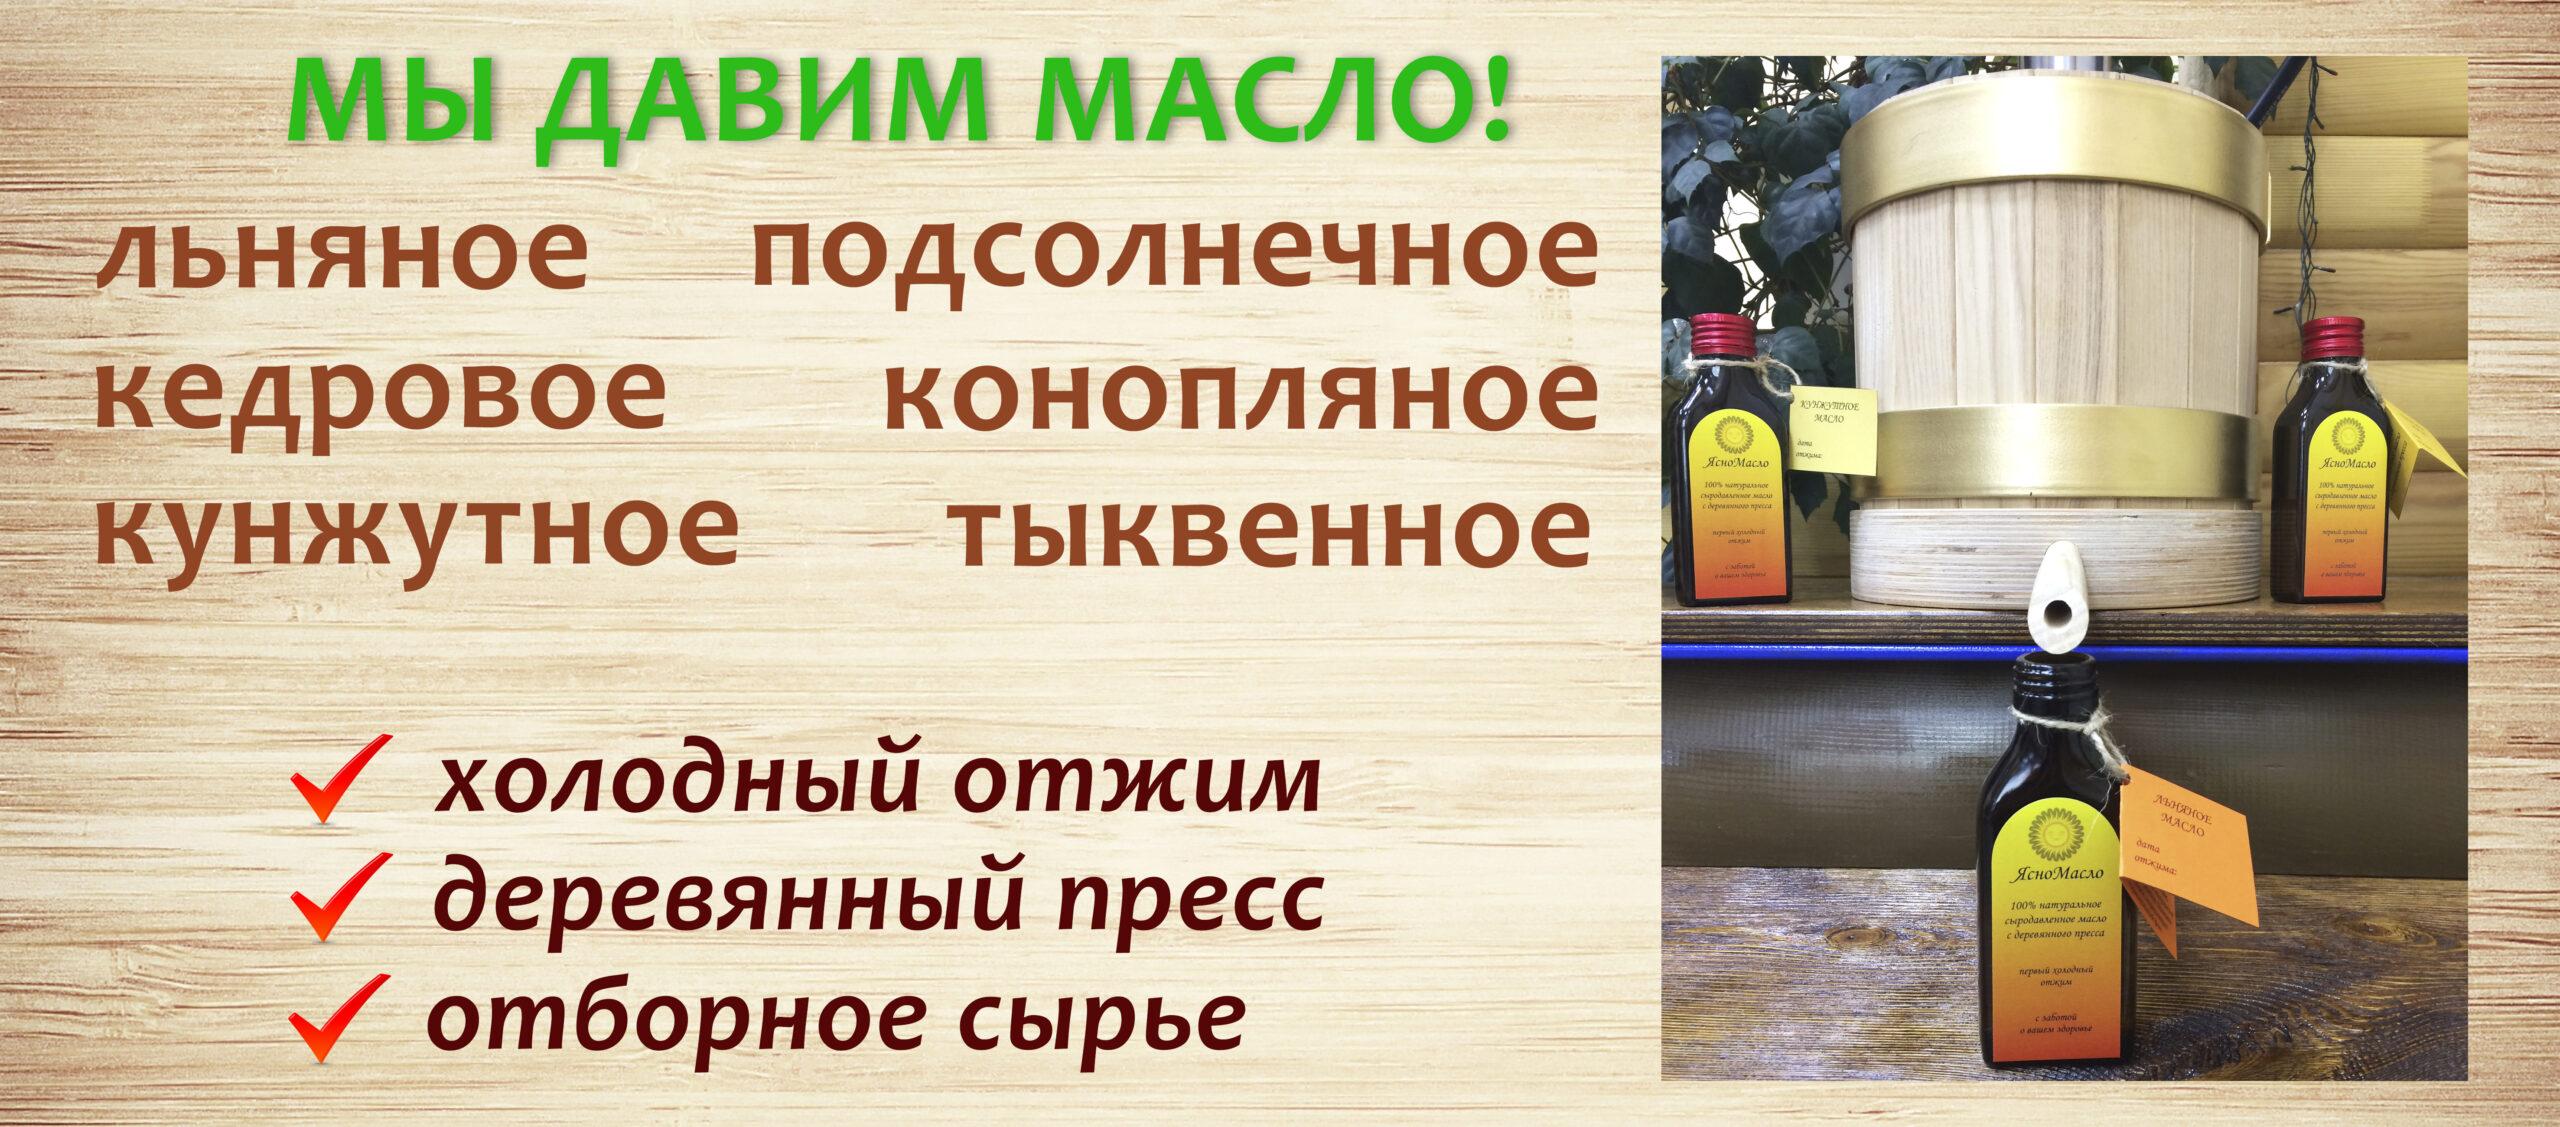 сыродавленное масло Екатеринбург